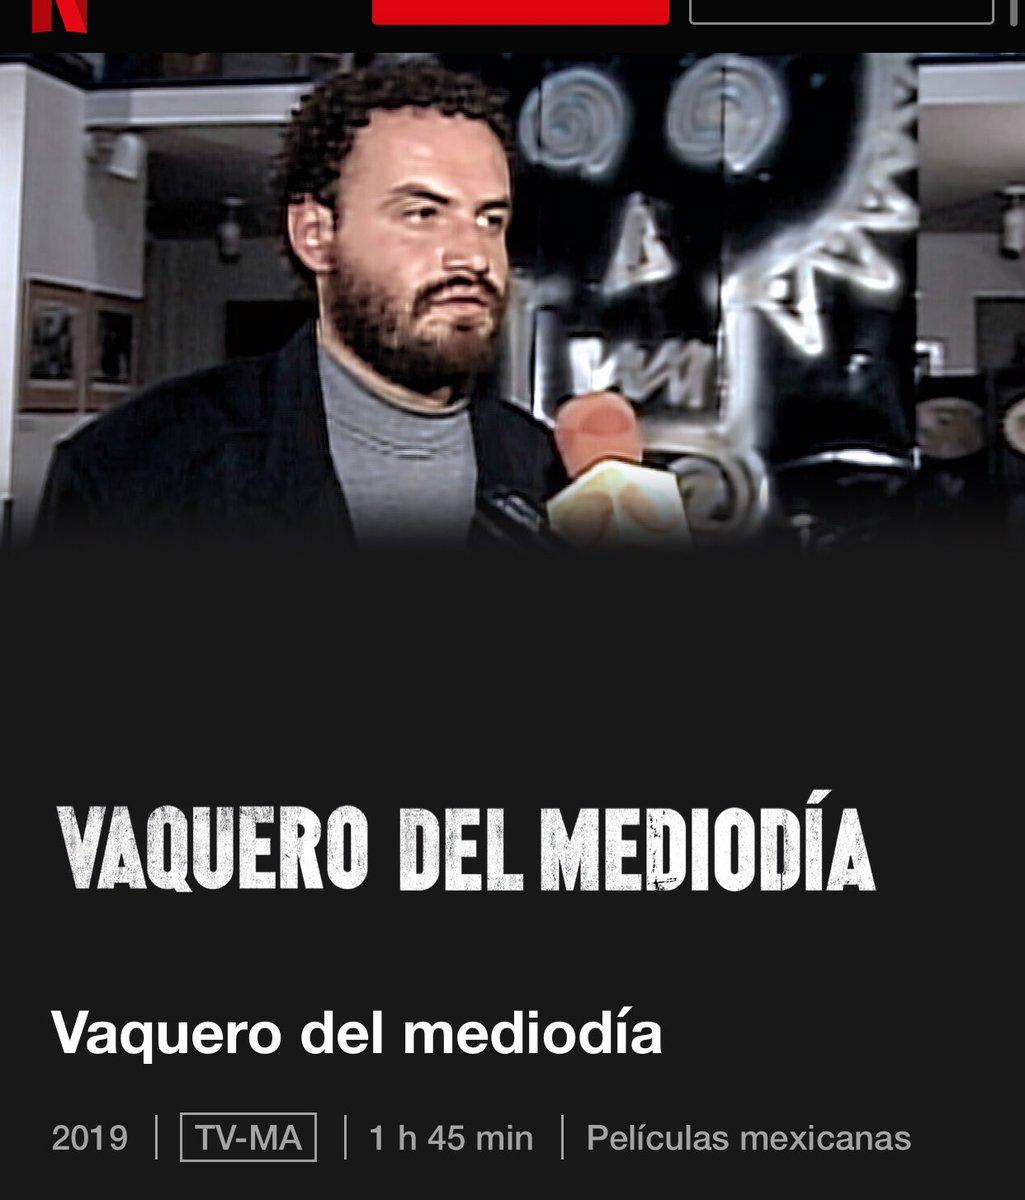 Que gran documental #vaquerodelmediodia #Netflix #BuenLunes